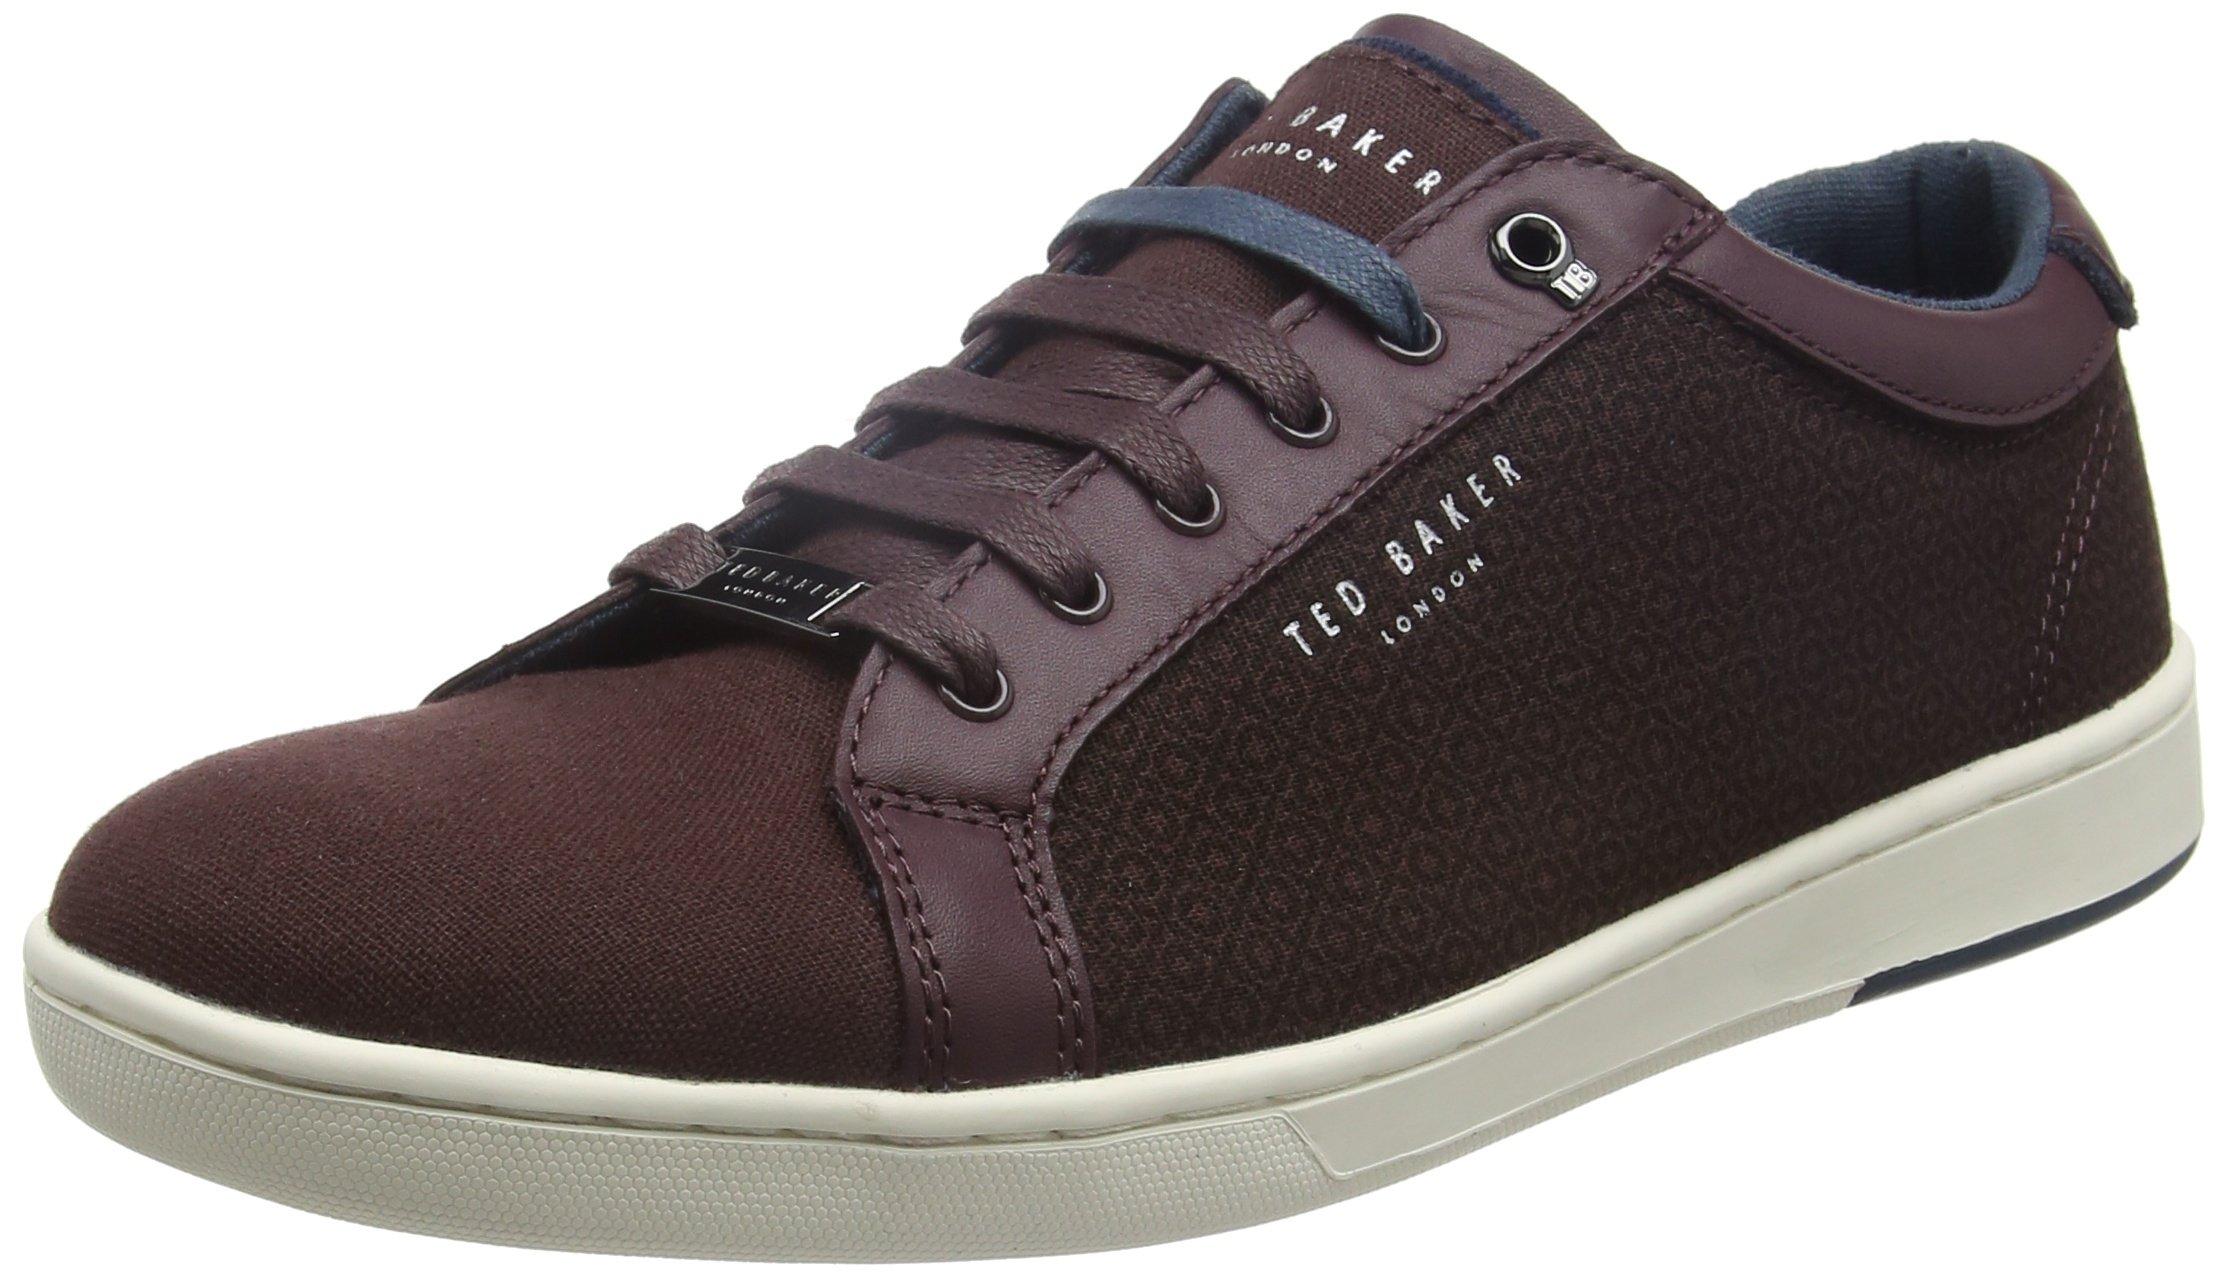 Ted Basses Eu TernurSneakers HommeRougedark Baker Red41 wym8nvN0O